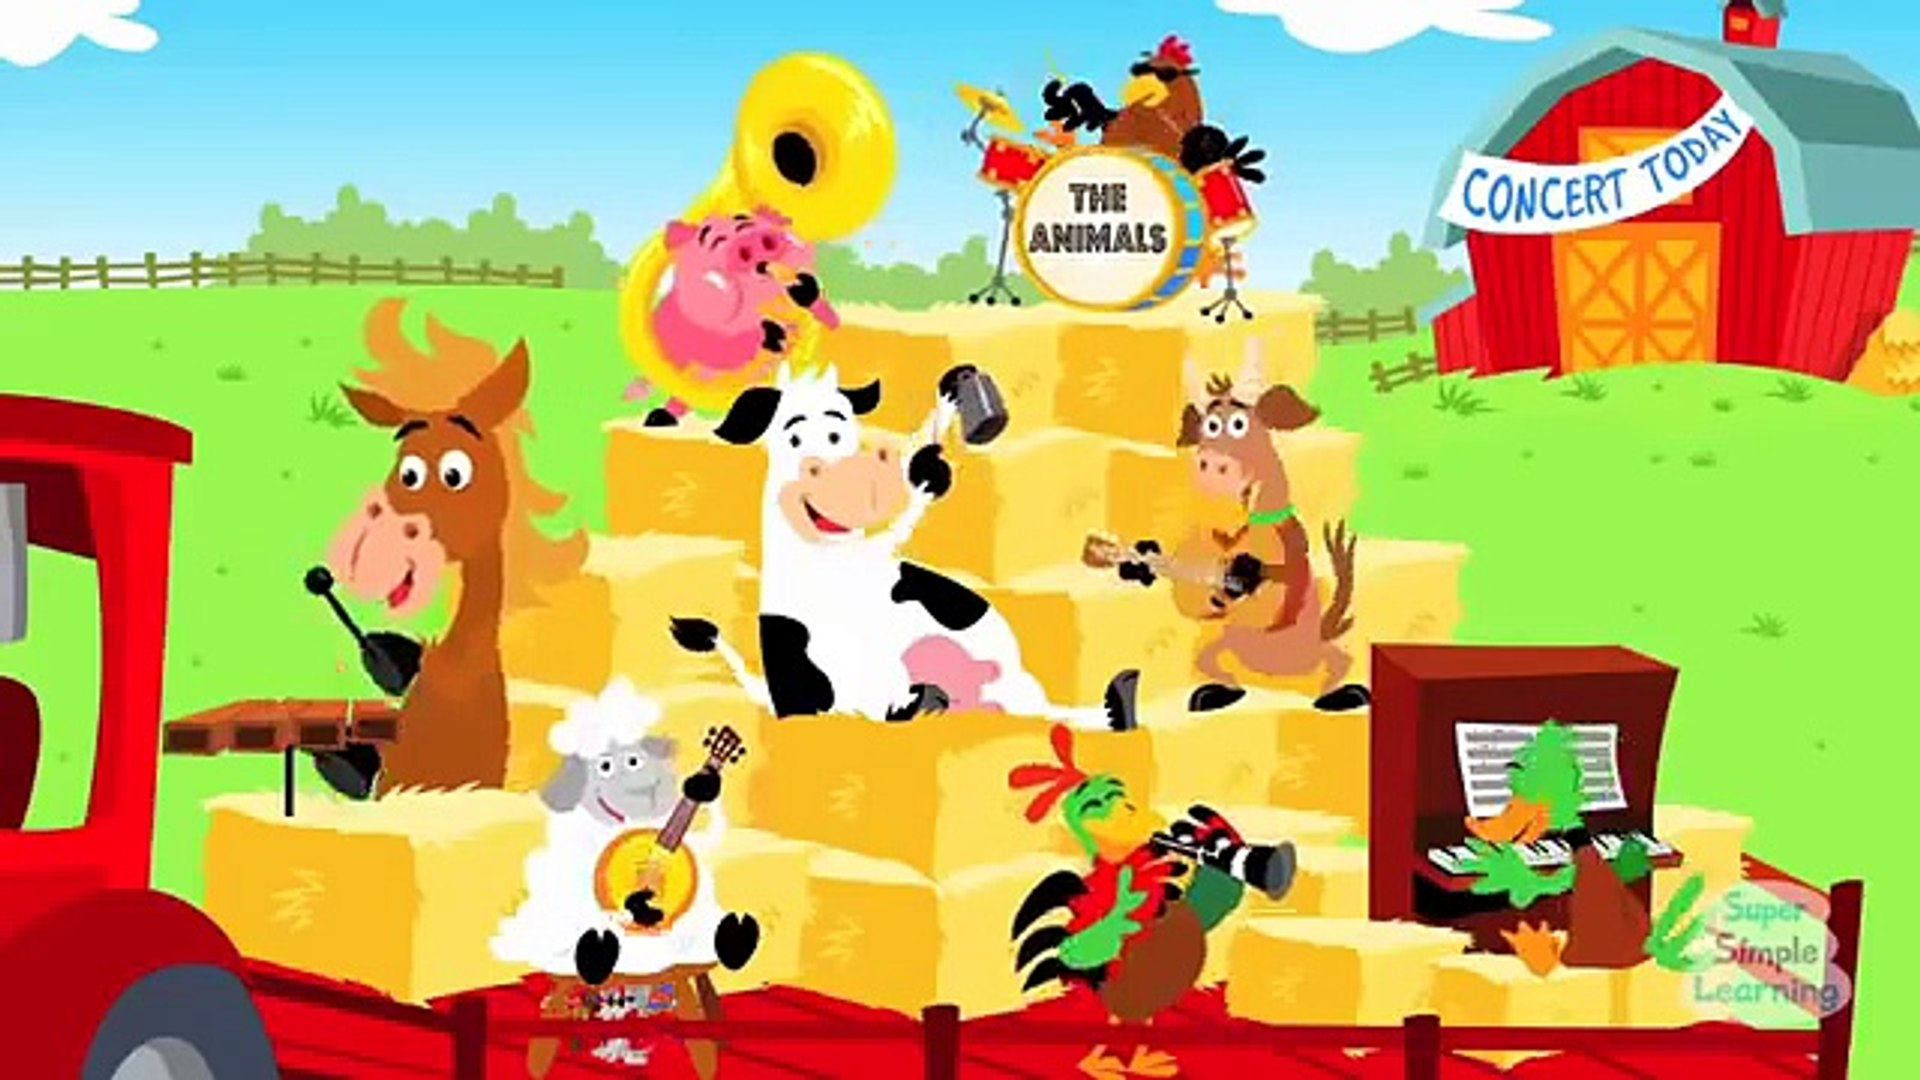 أغاني أطفال باللغة الانجليزية 5 حيوانات المزرعة Video Dailymotion